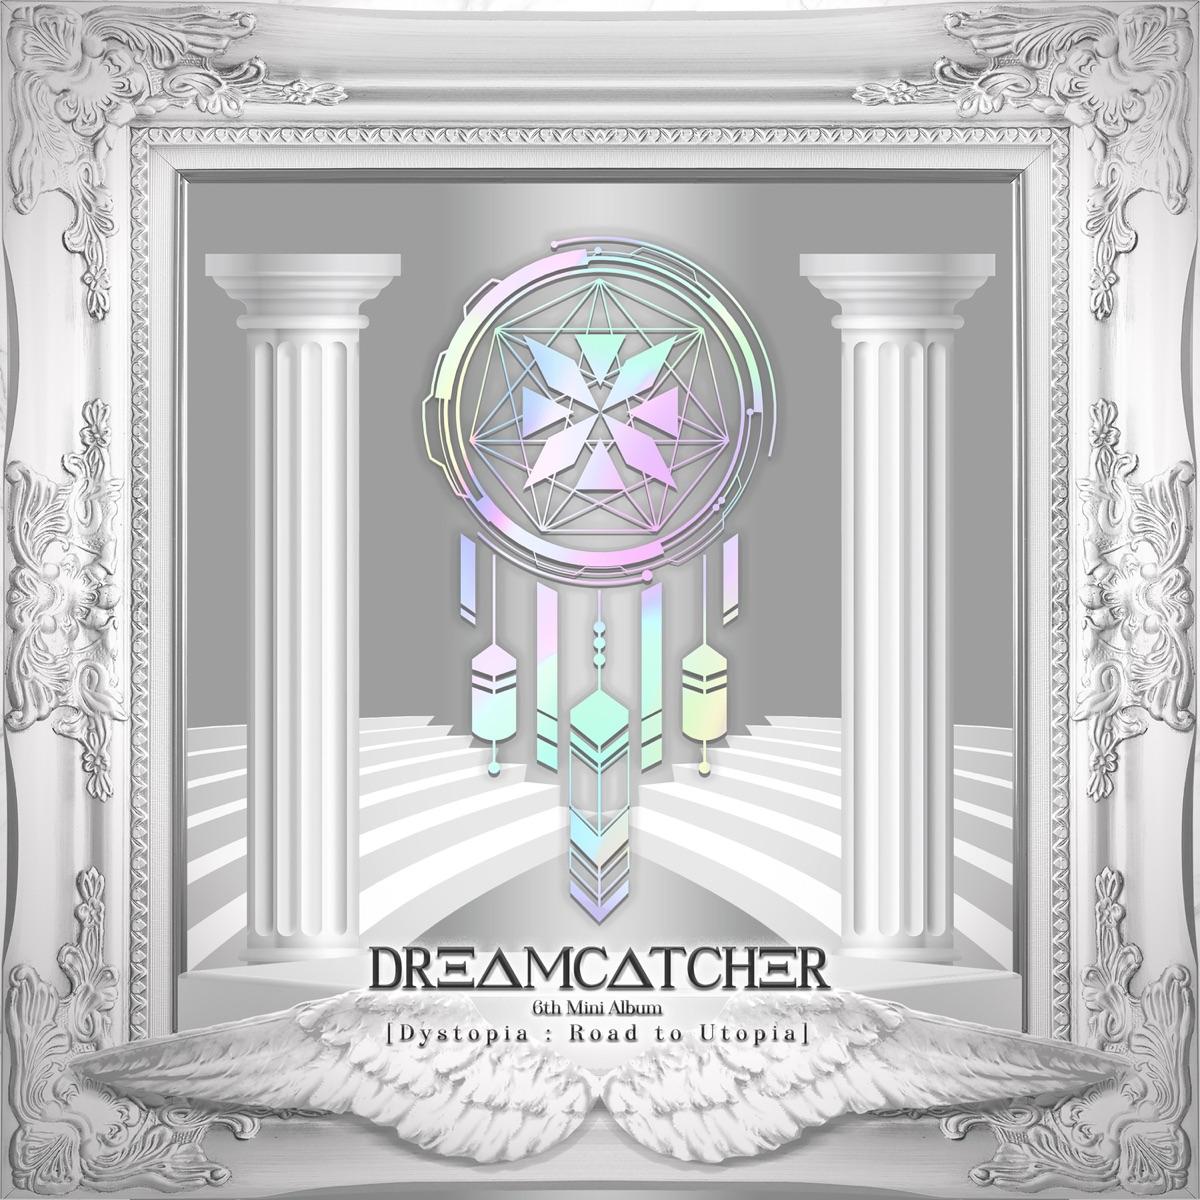 『DREAMCATCHER - Odd Eye 歌詞』収録の『[Dystopia : Road to Utopia]』ジャケット